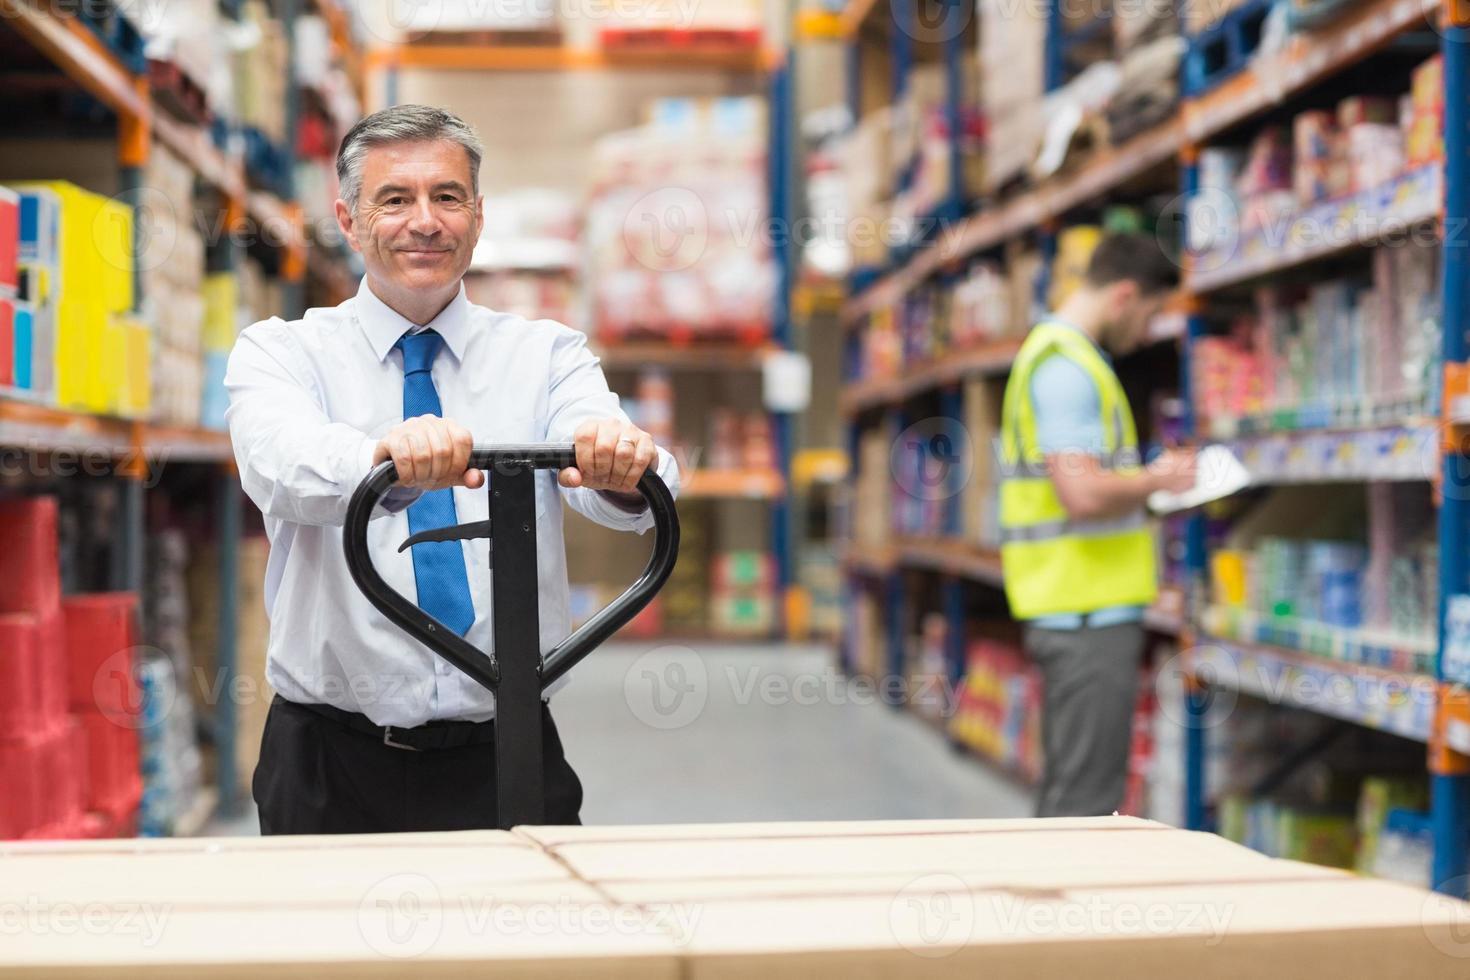 chef som drar vagn med lådor framför sin anställd foto